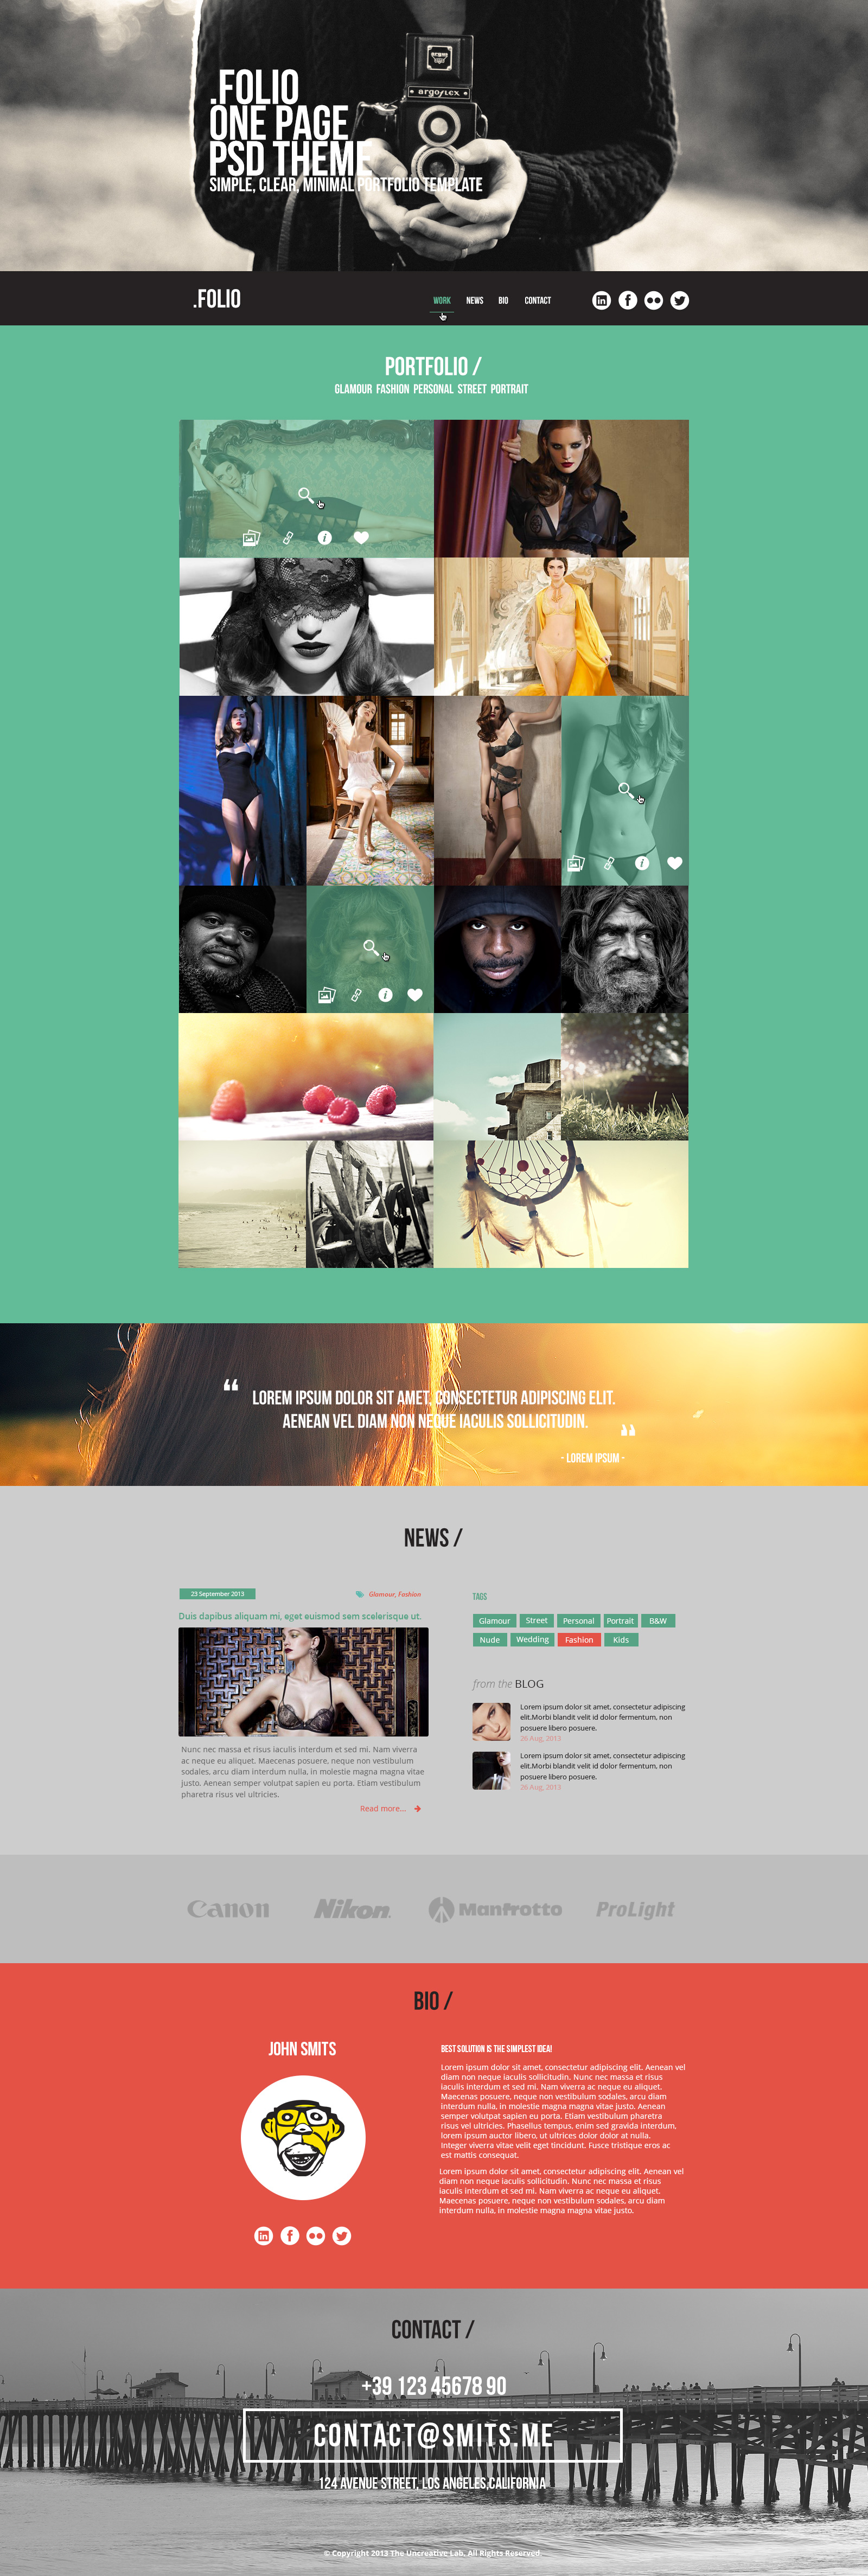 plantilla-psd-una-pagina3 | Plantillas web | Pinterest ...